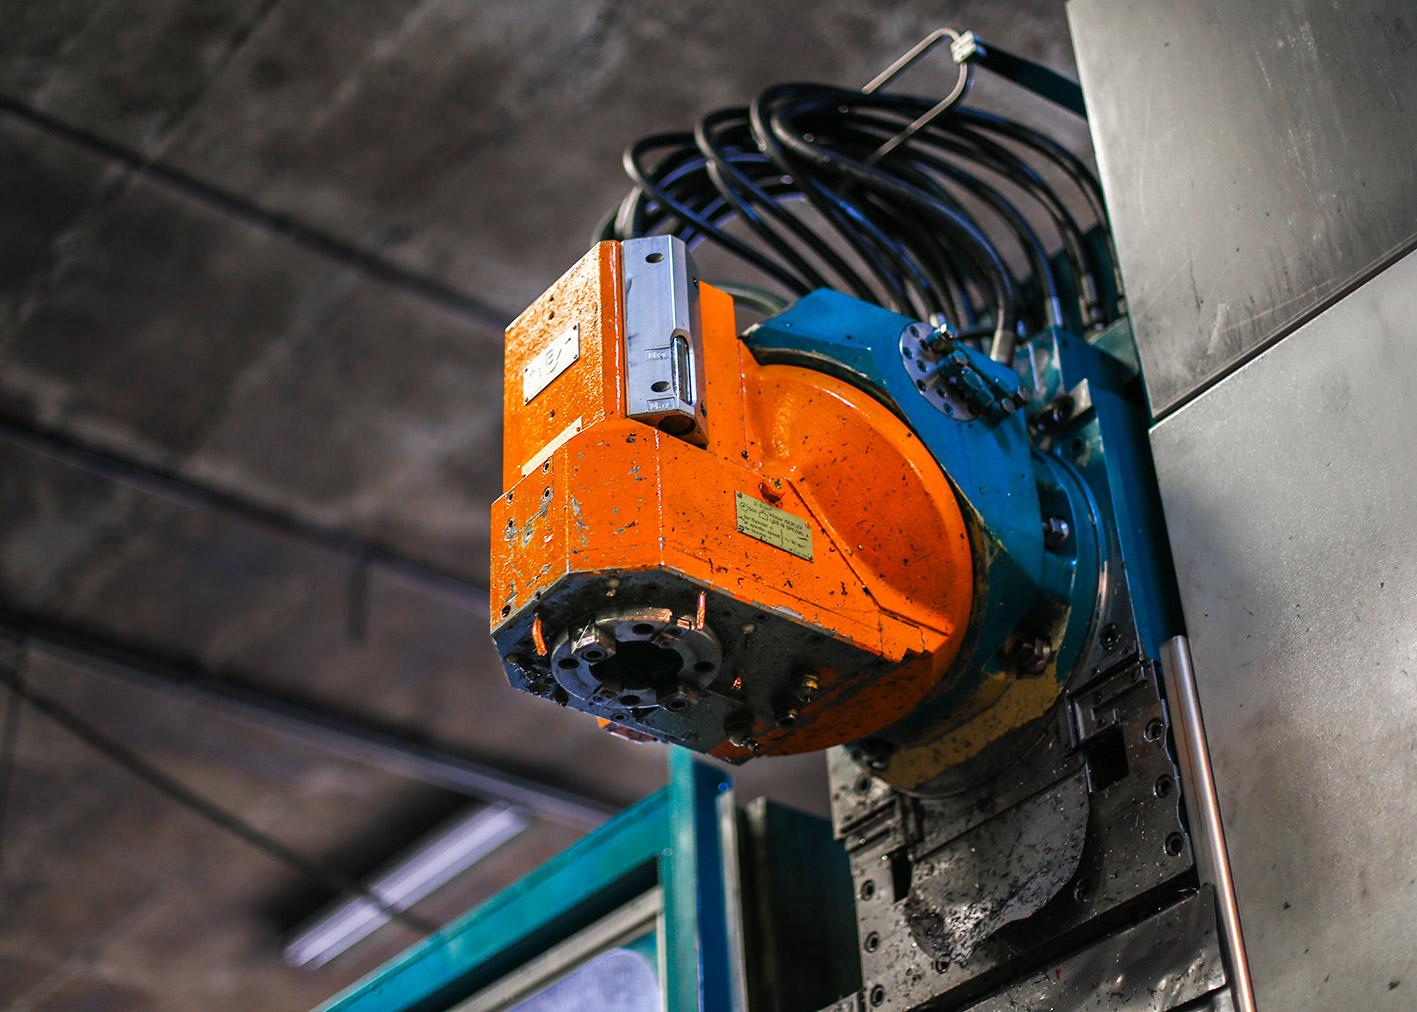 reiden BF 5L tournage atelier reco mecanique valais salgesch